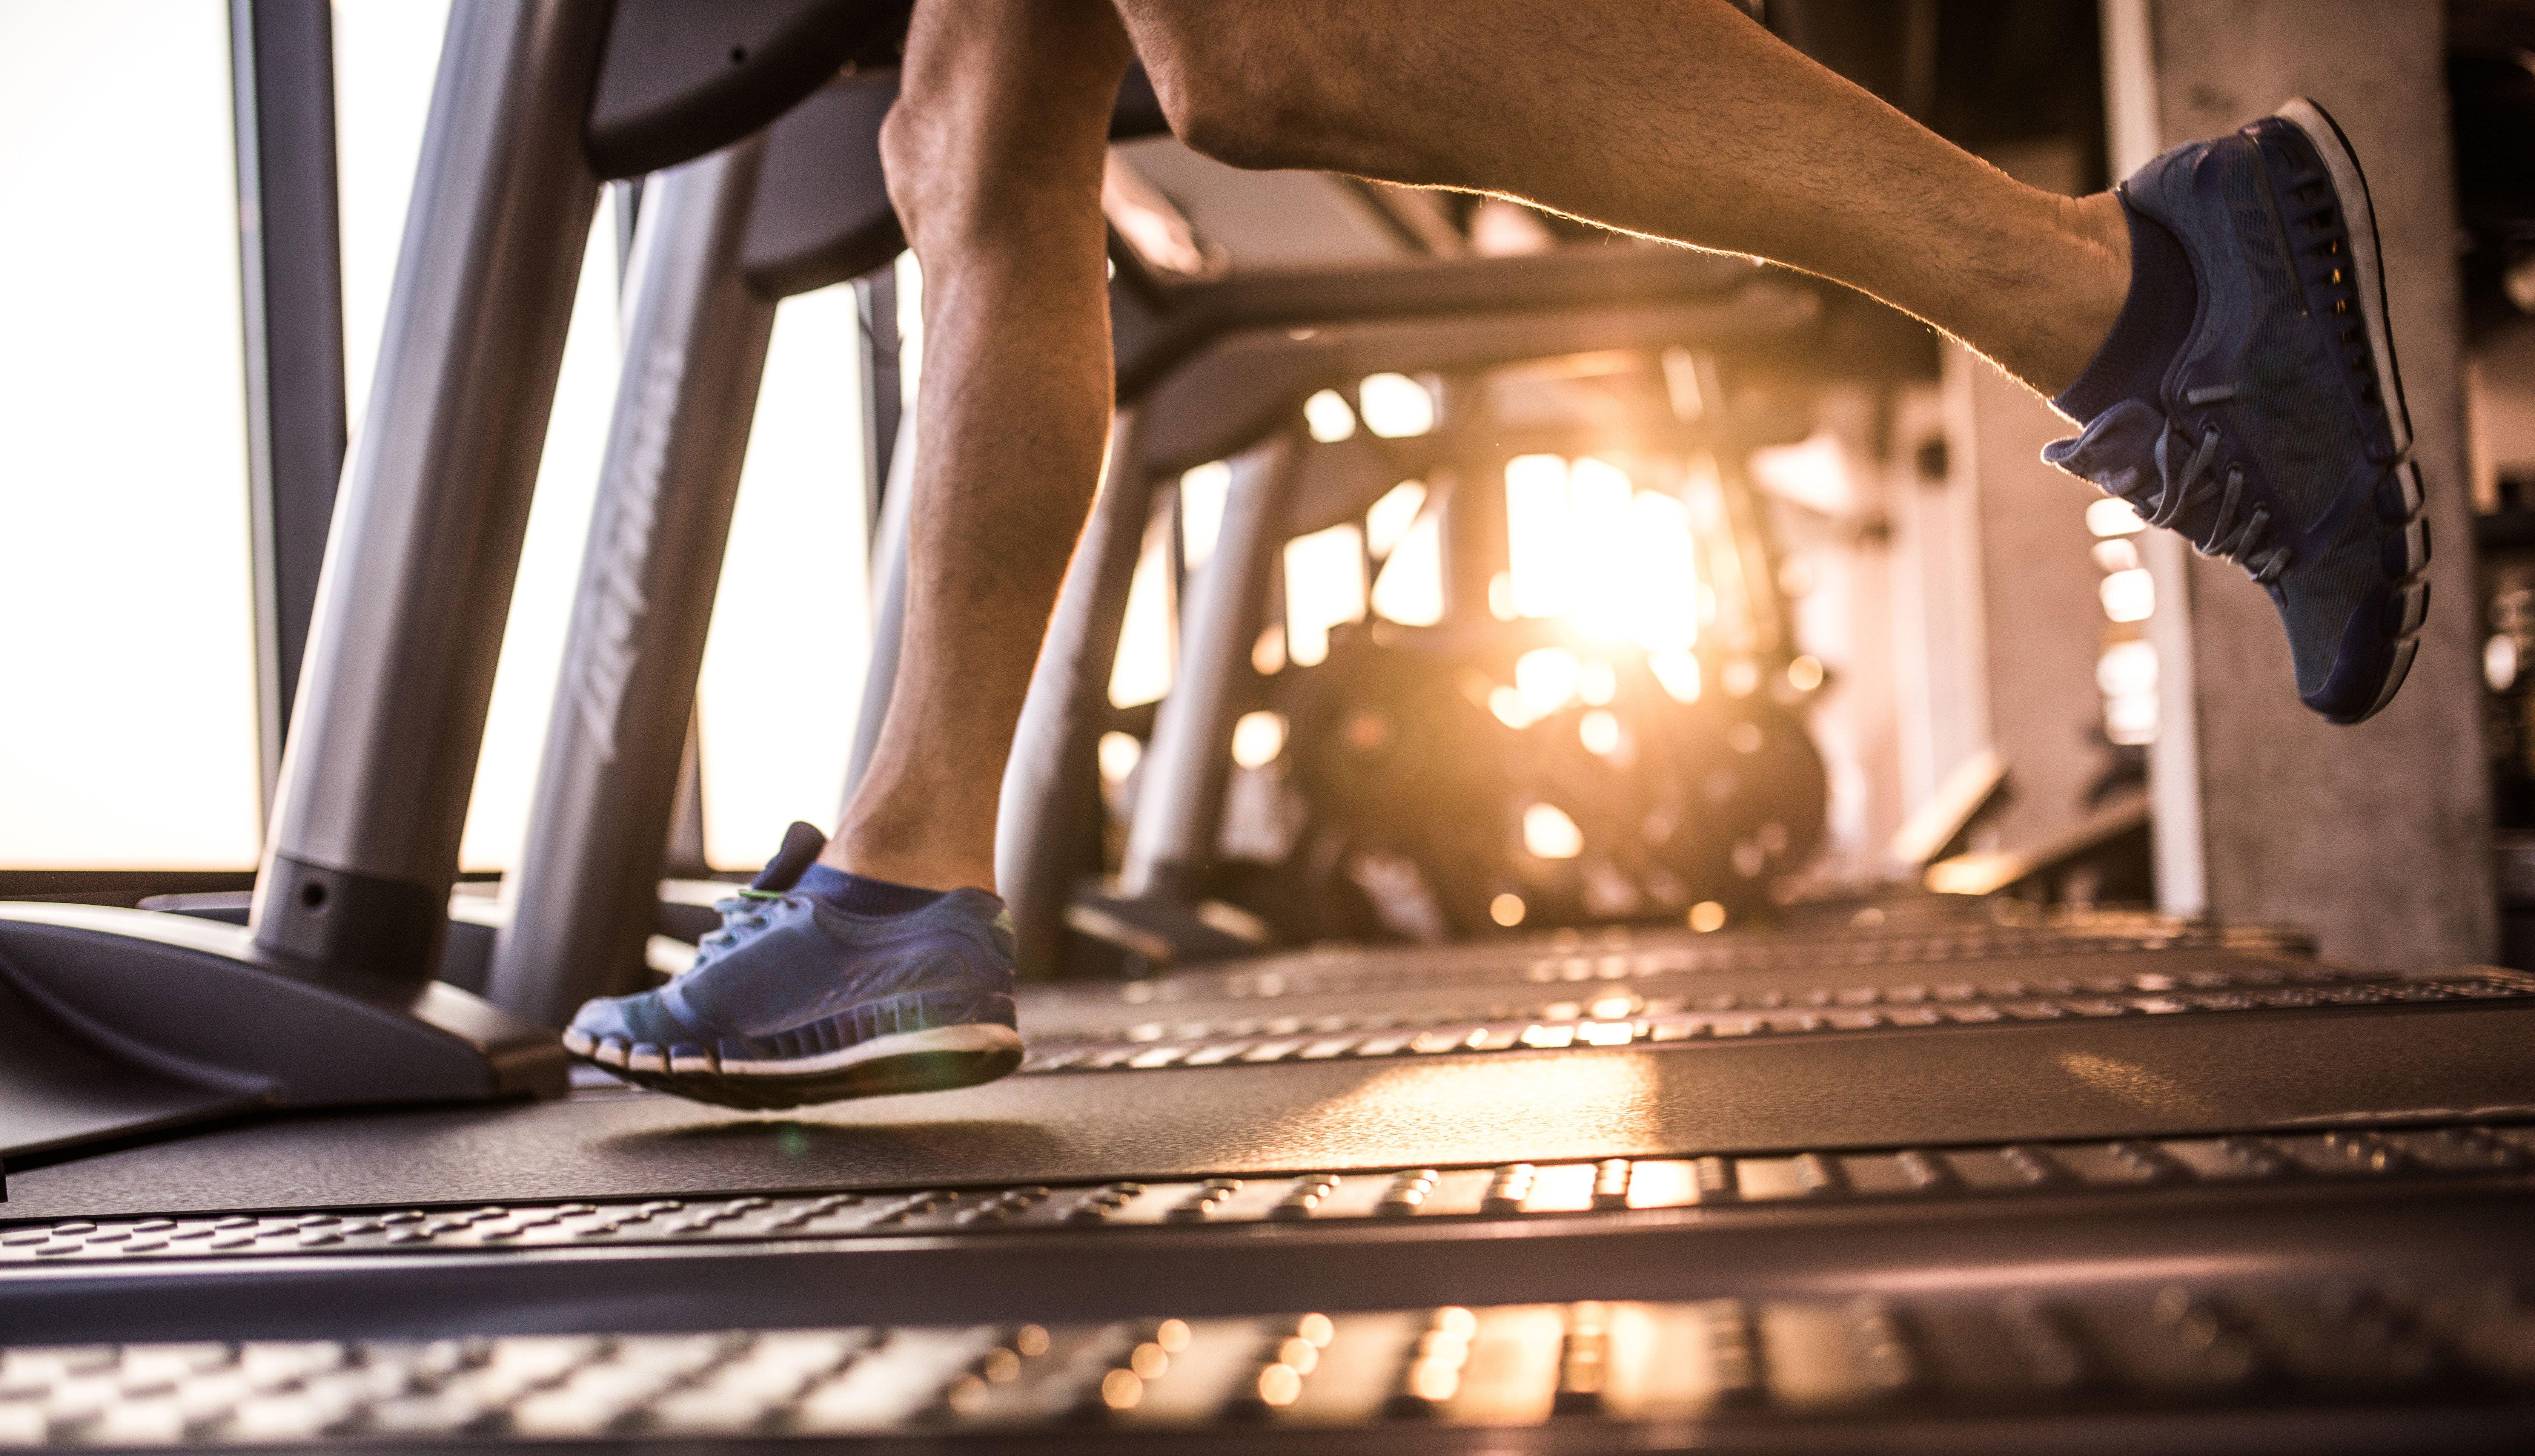 Hombre corriendo en una trotadora